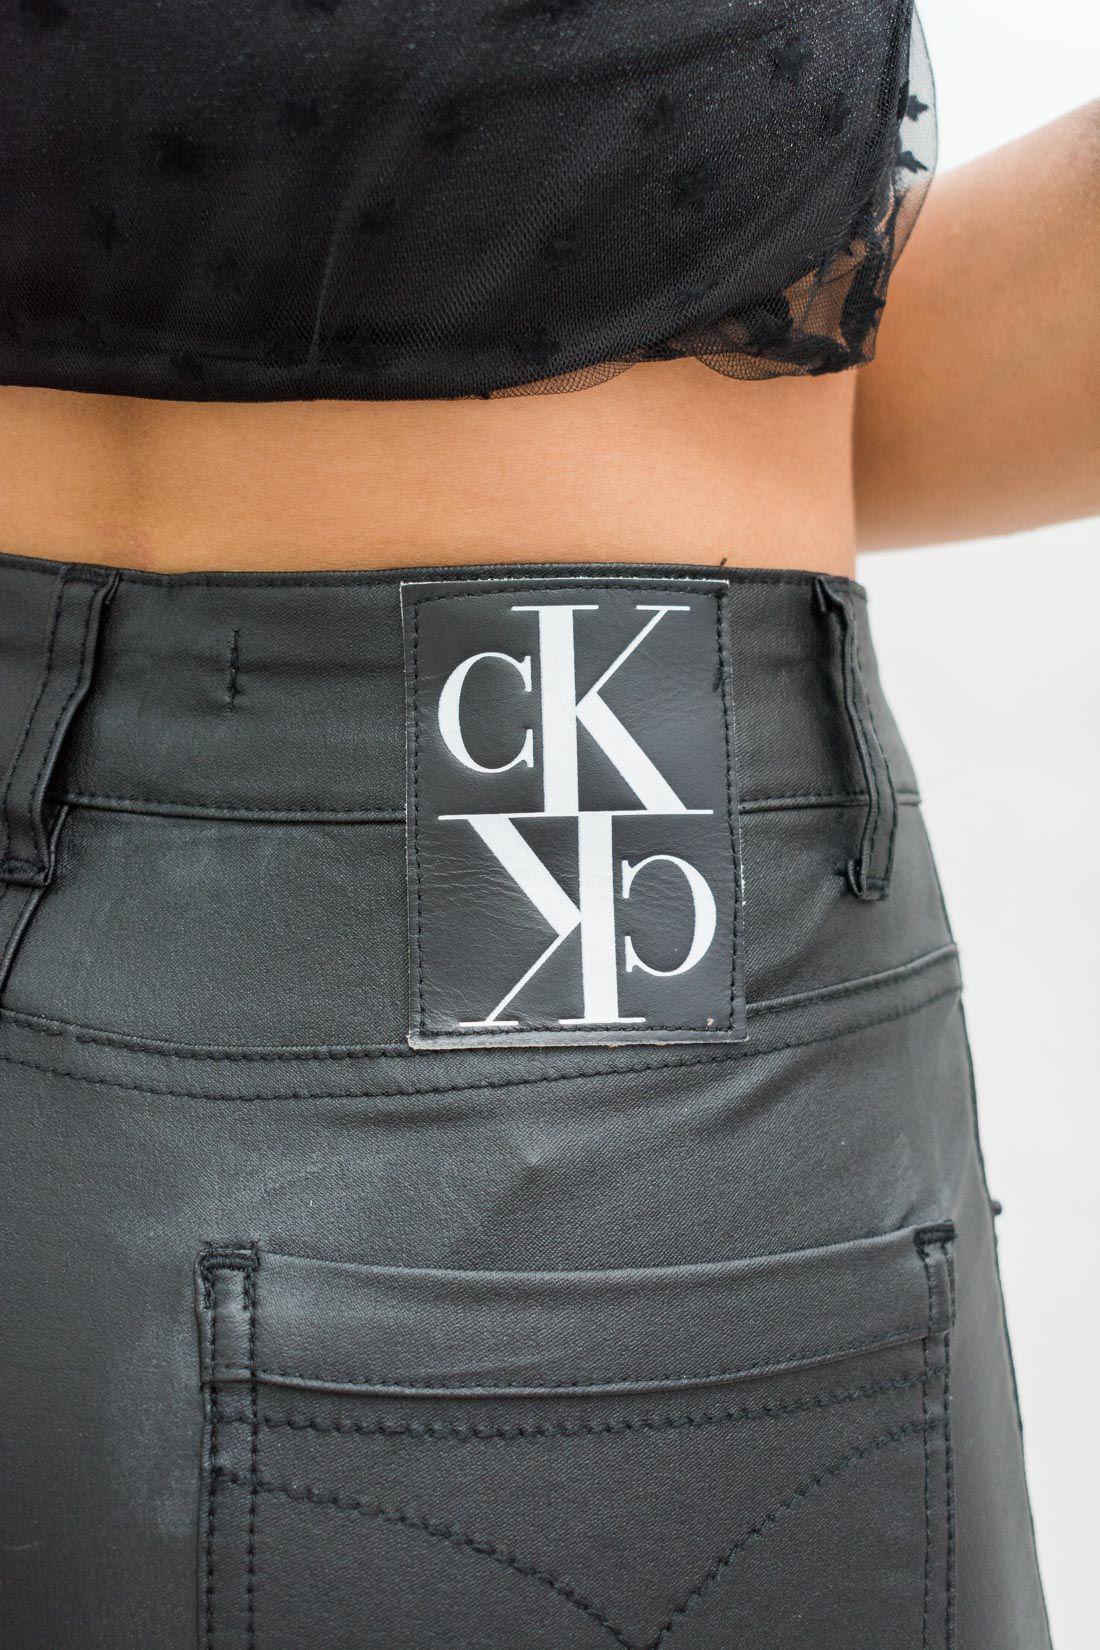 Calca Calvin Klein Resinada Beng Mirrored